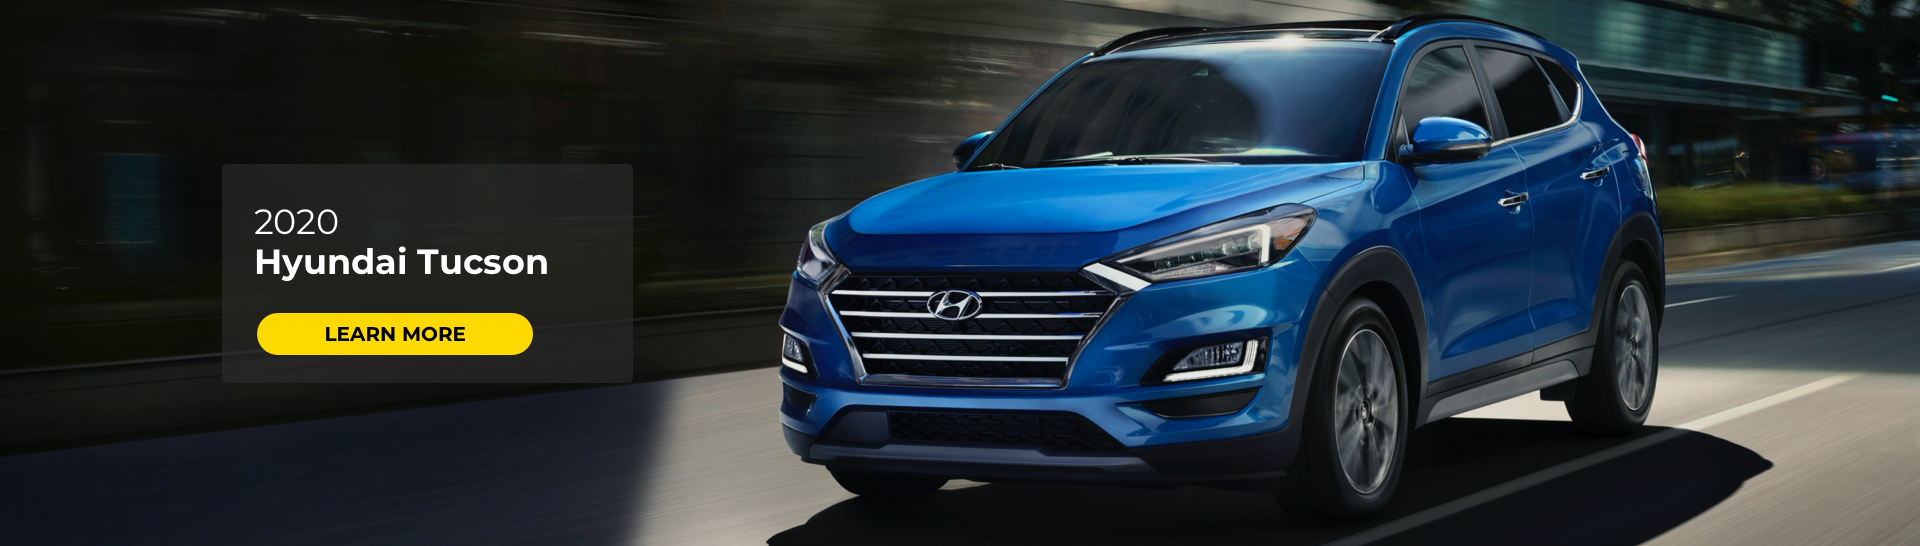 2020 Hyundai TucsonV3